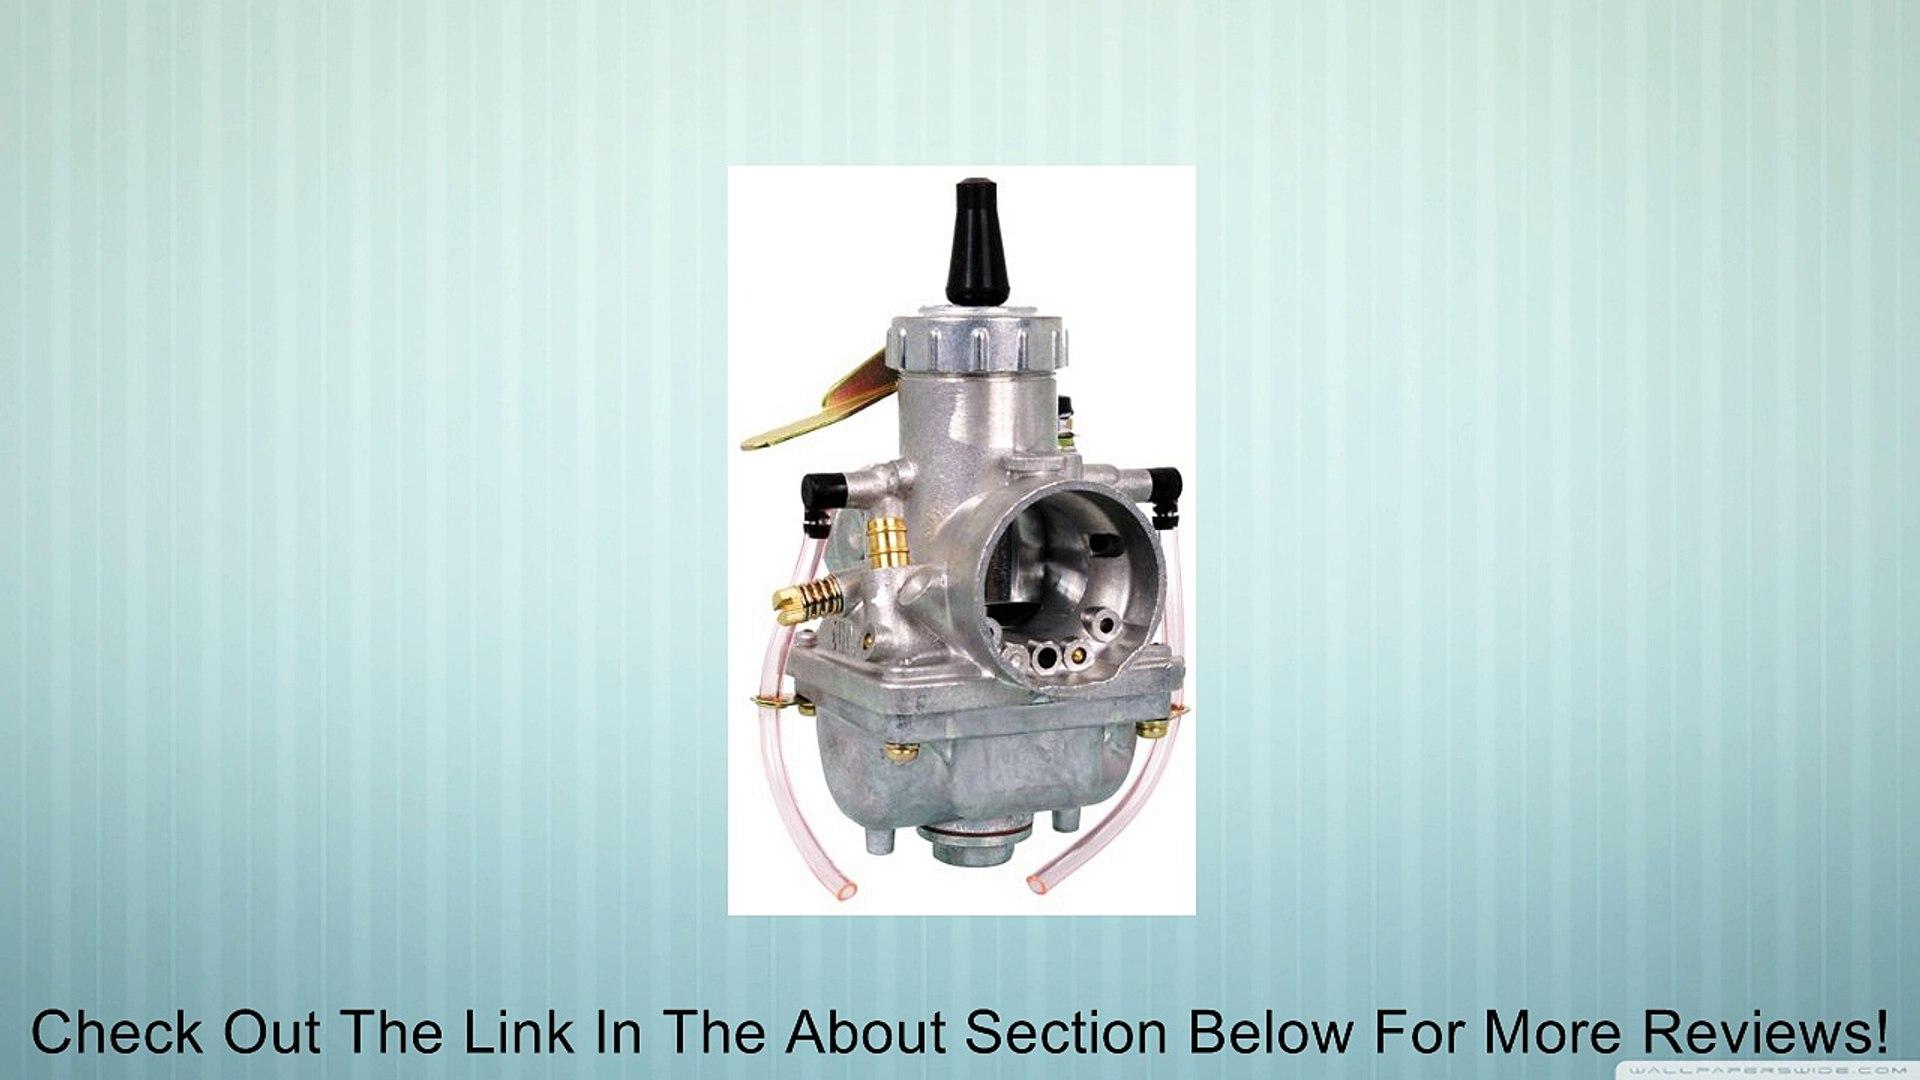 Plunger TM38//57 Mikuni Complete Starter Assembly for TMX35//38 Carburetor